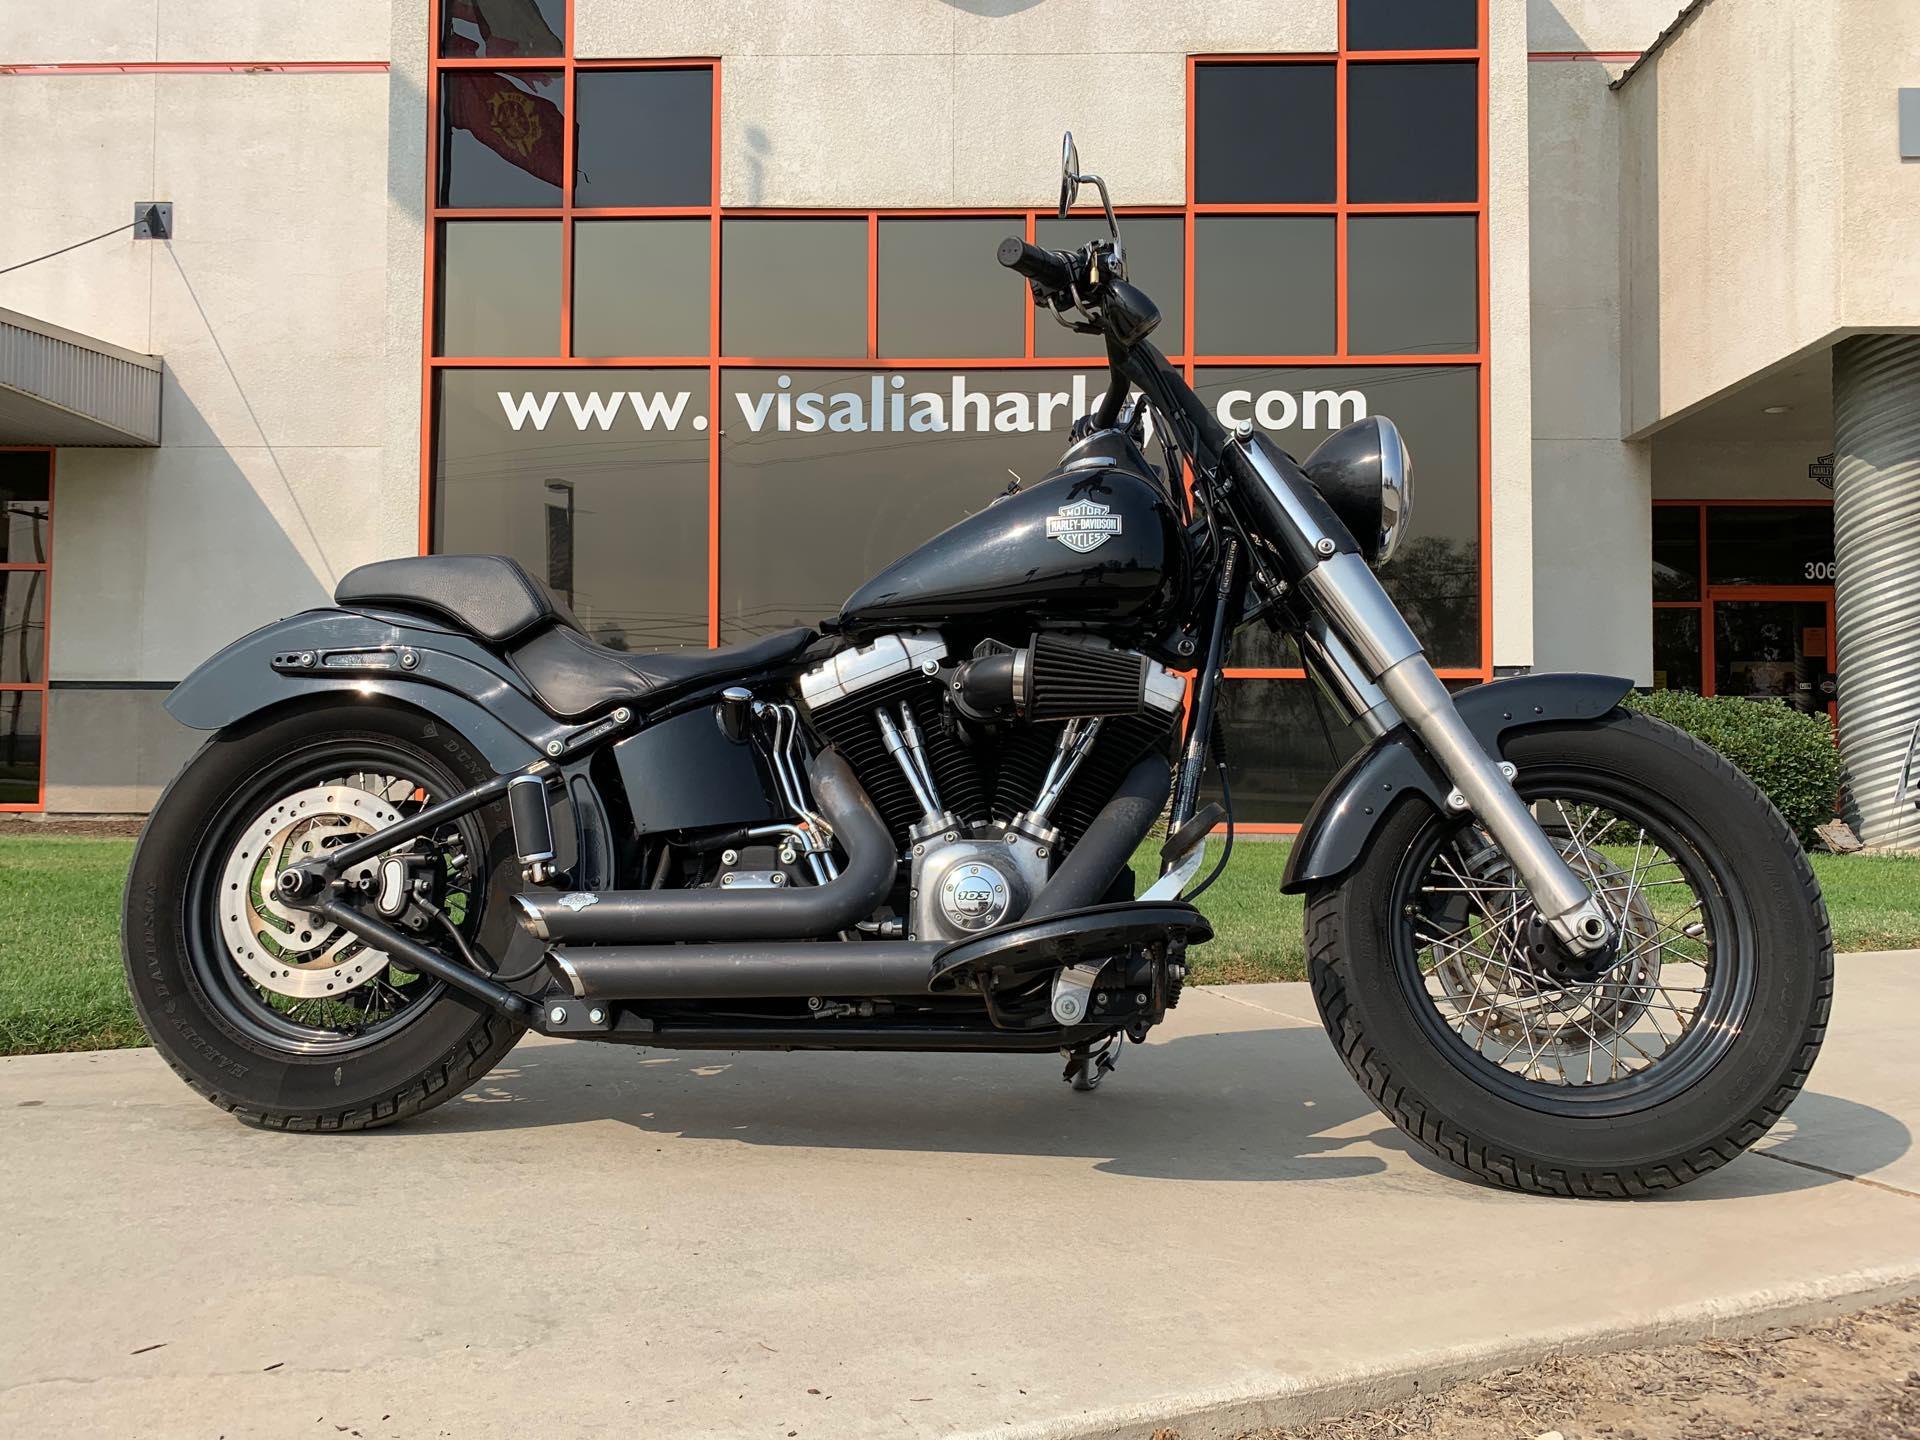 2012 Harley-Davidson Softail Slim at Visalia Harley-Davidson